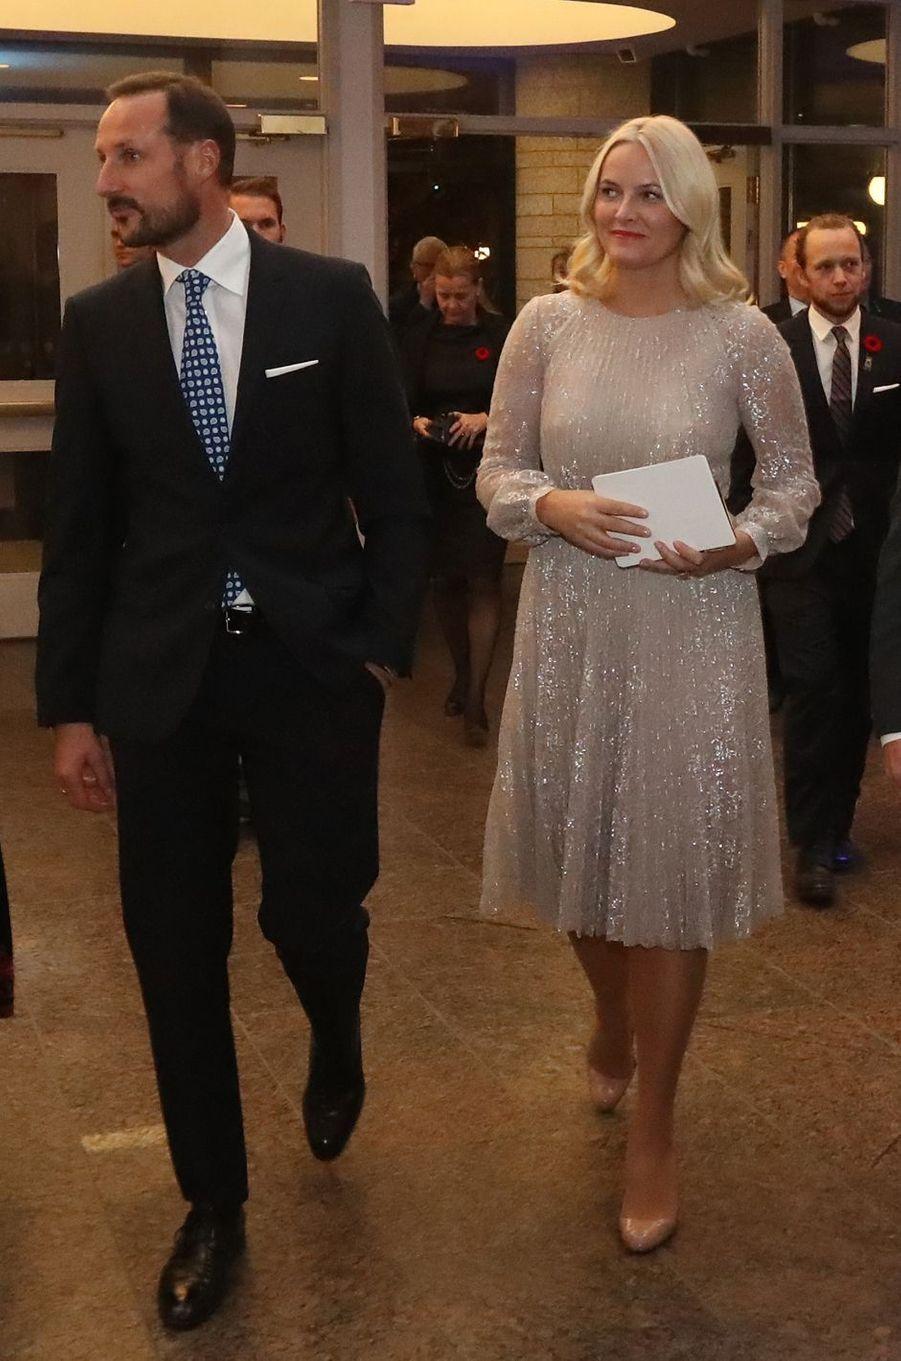 La princesse Mette-Marit de Norvège dans une robe Erdem, à Gatineau au Canada le 7 novembre 2016